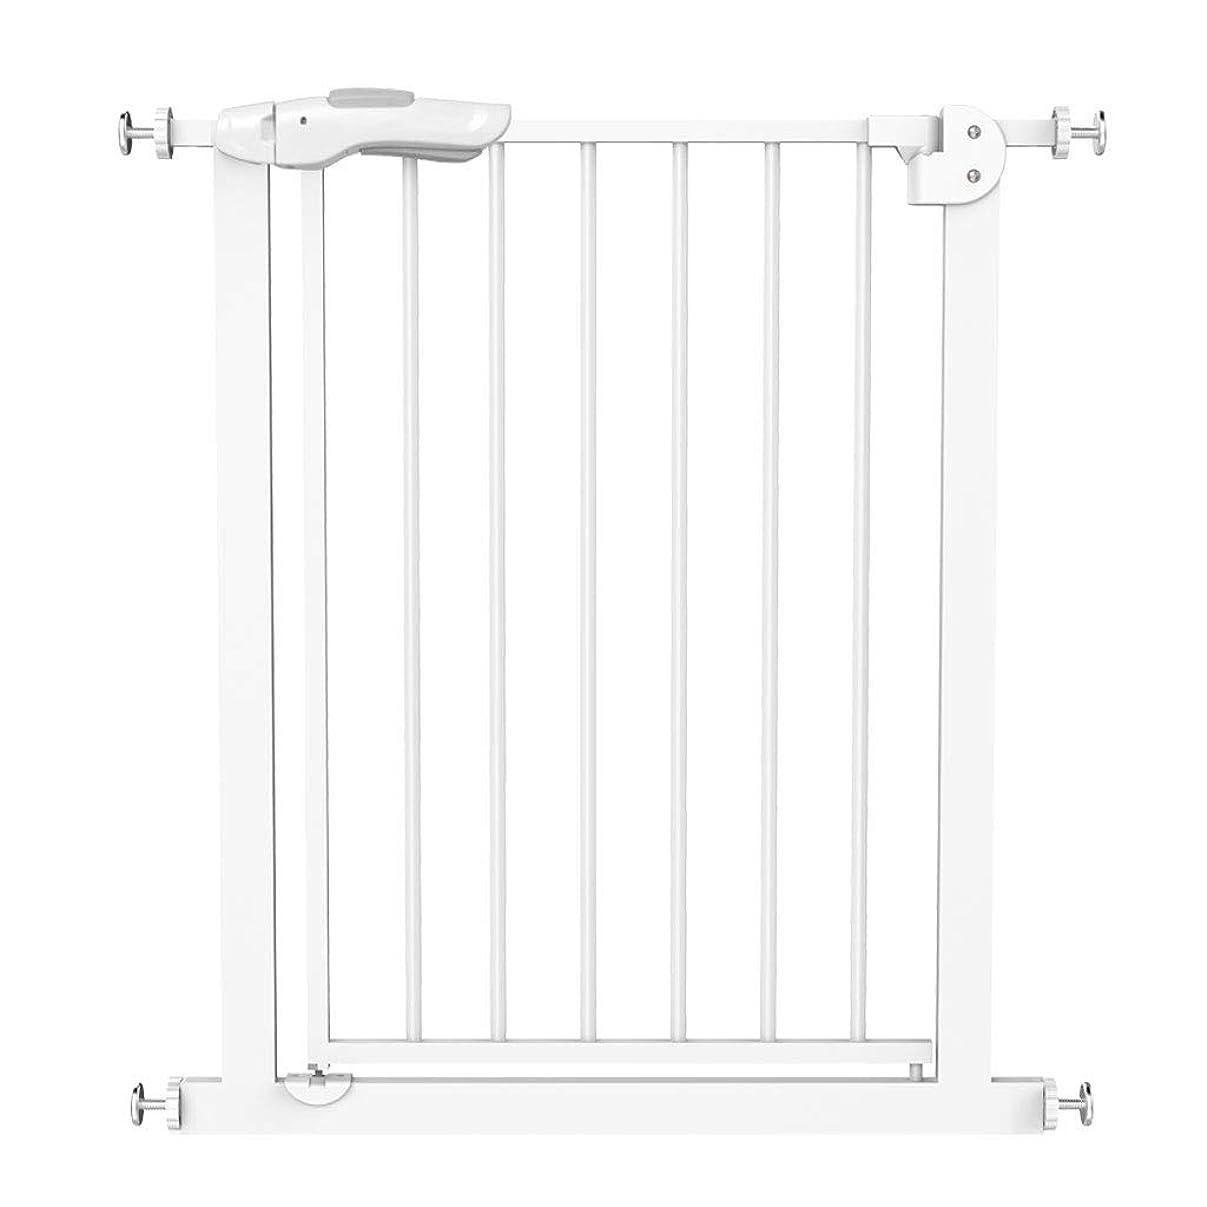 病的提案する裂け目QIQIDEDAIN 安全ゲート階段フェンス子供安全ゲートフェンスフェンス子供安全フェンス犬ドア柵安全防護階段 (Size : 66-74cm)